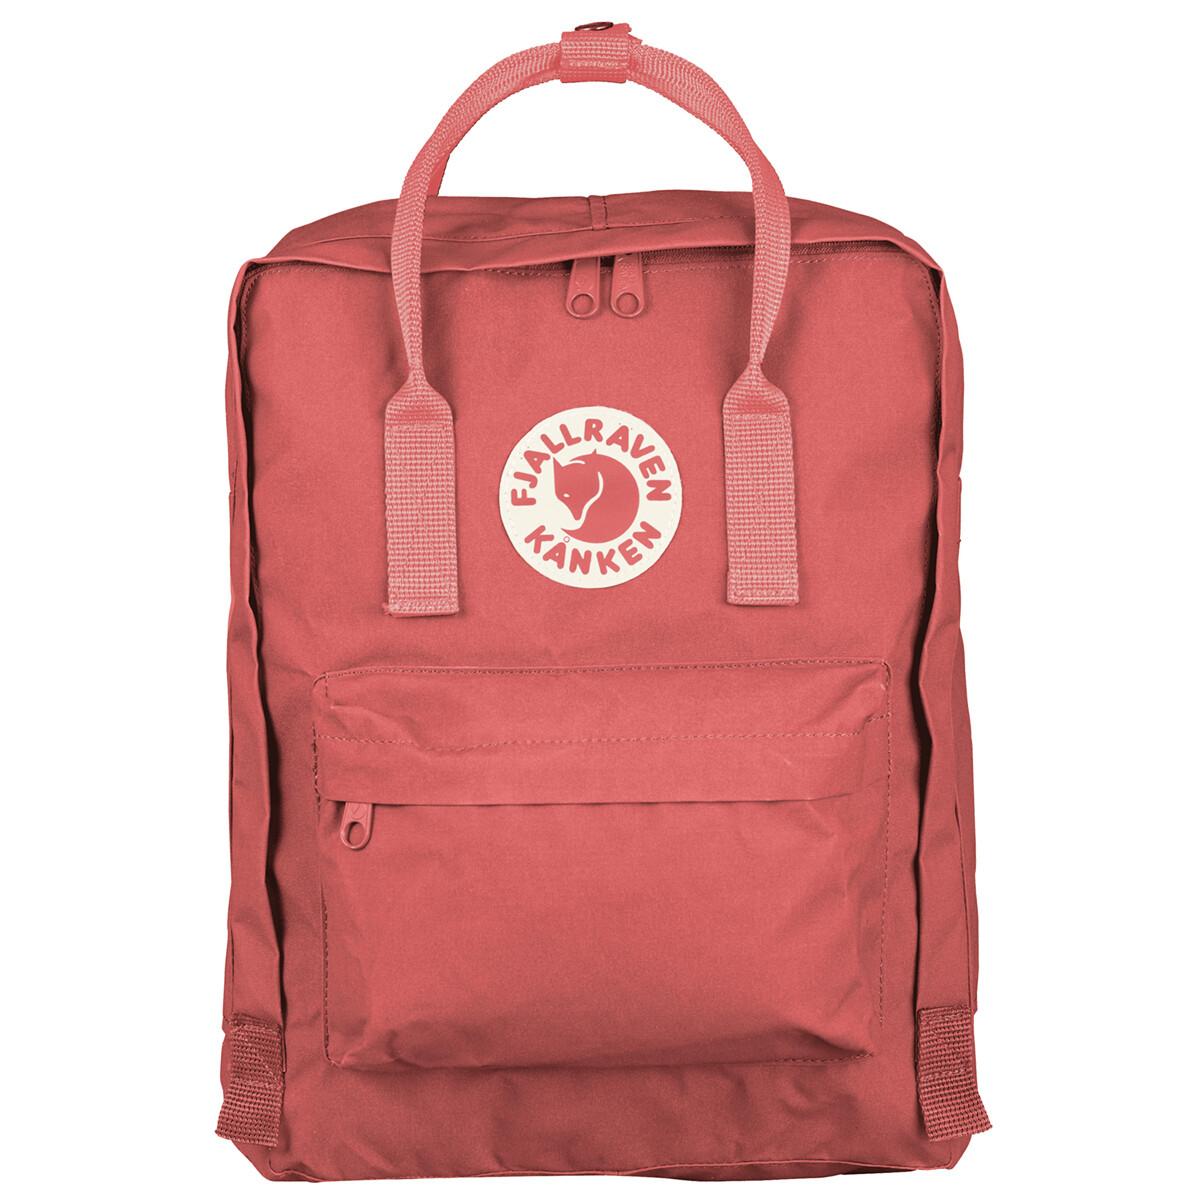 Fjallraven KÅNKEN Backpack- Peach Pink